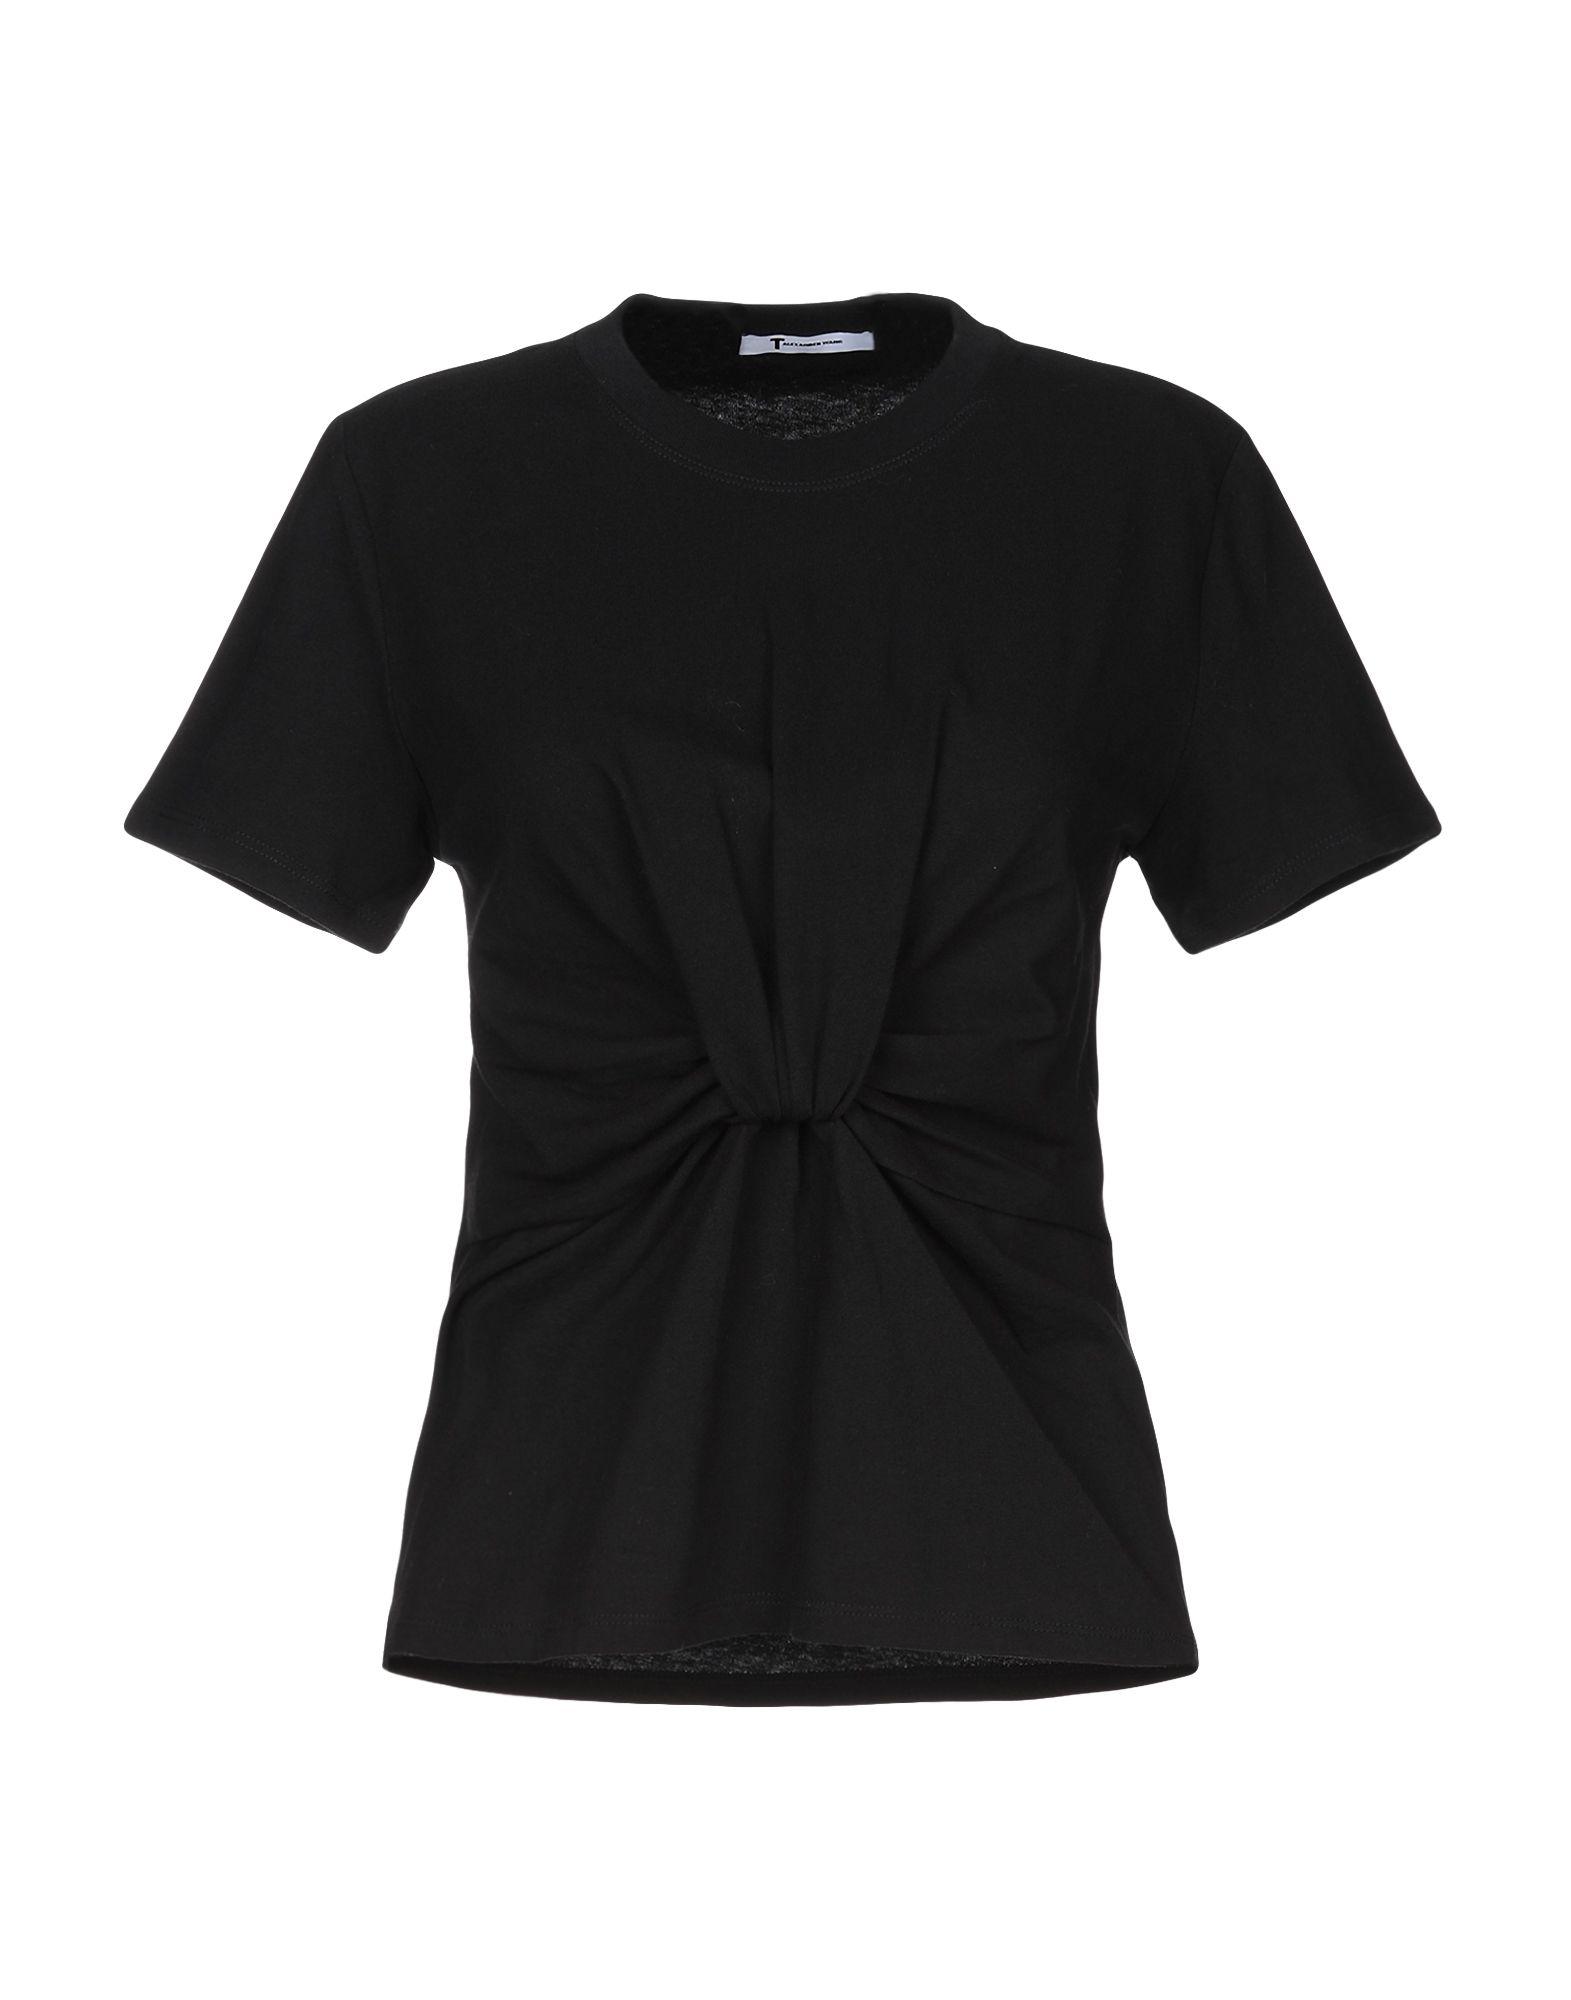 T-Shirt Alexanderwang.T donna - 12320813LR 12320813LR 12320813LR d70